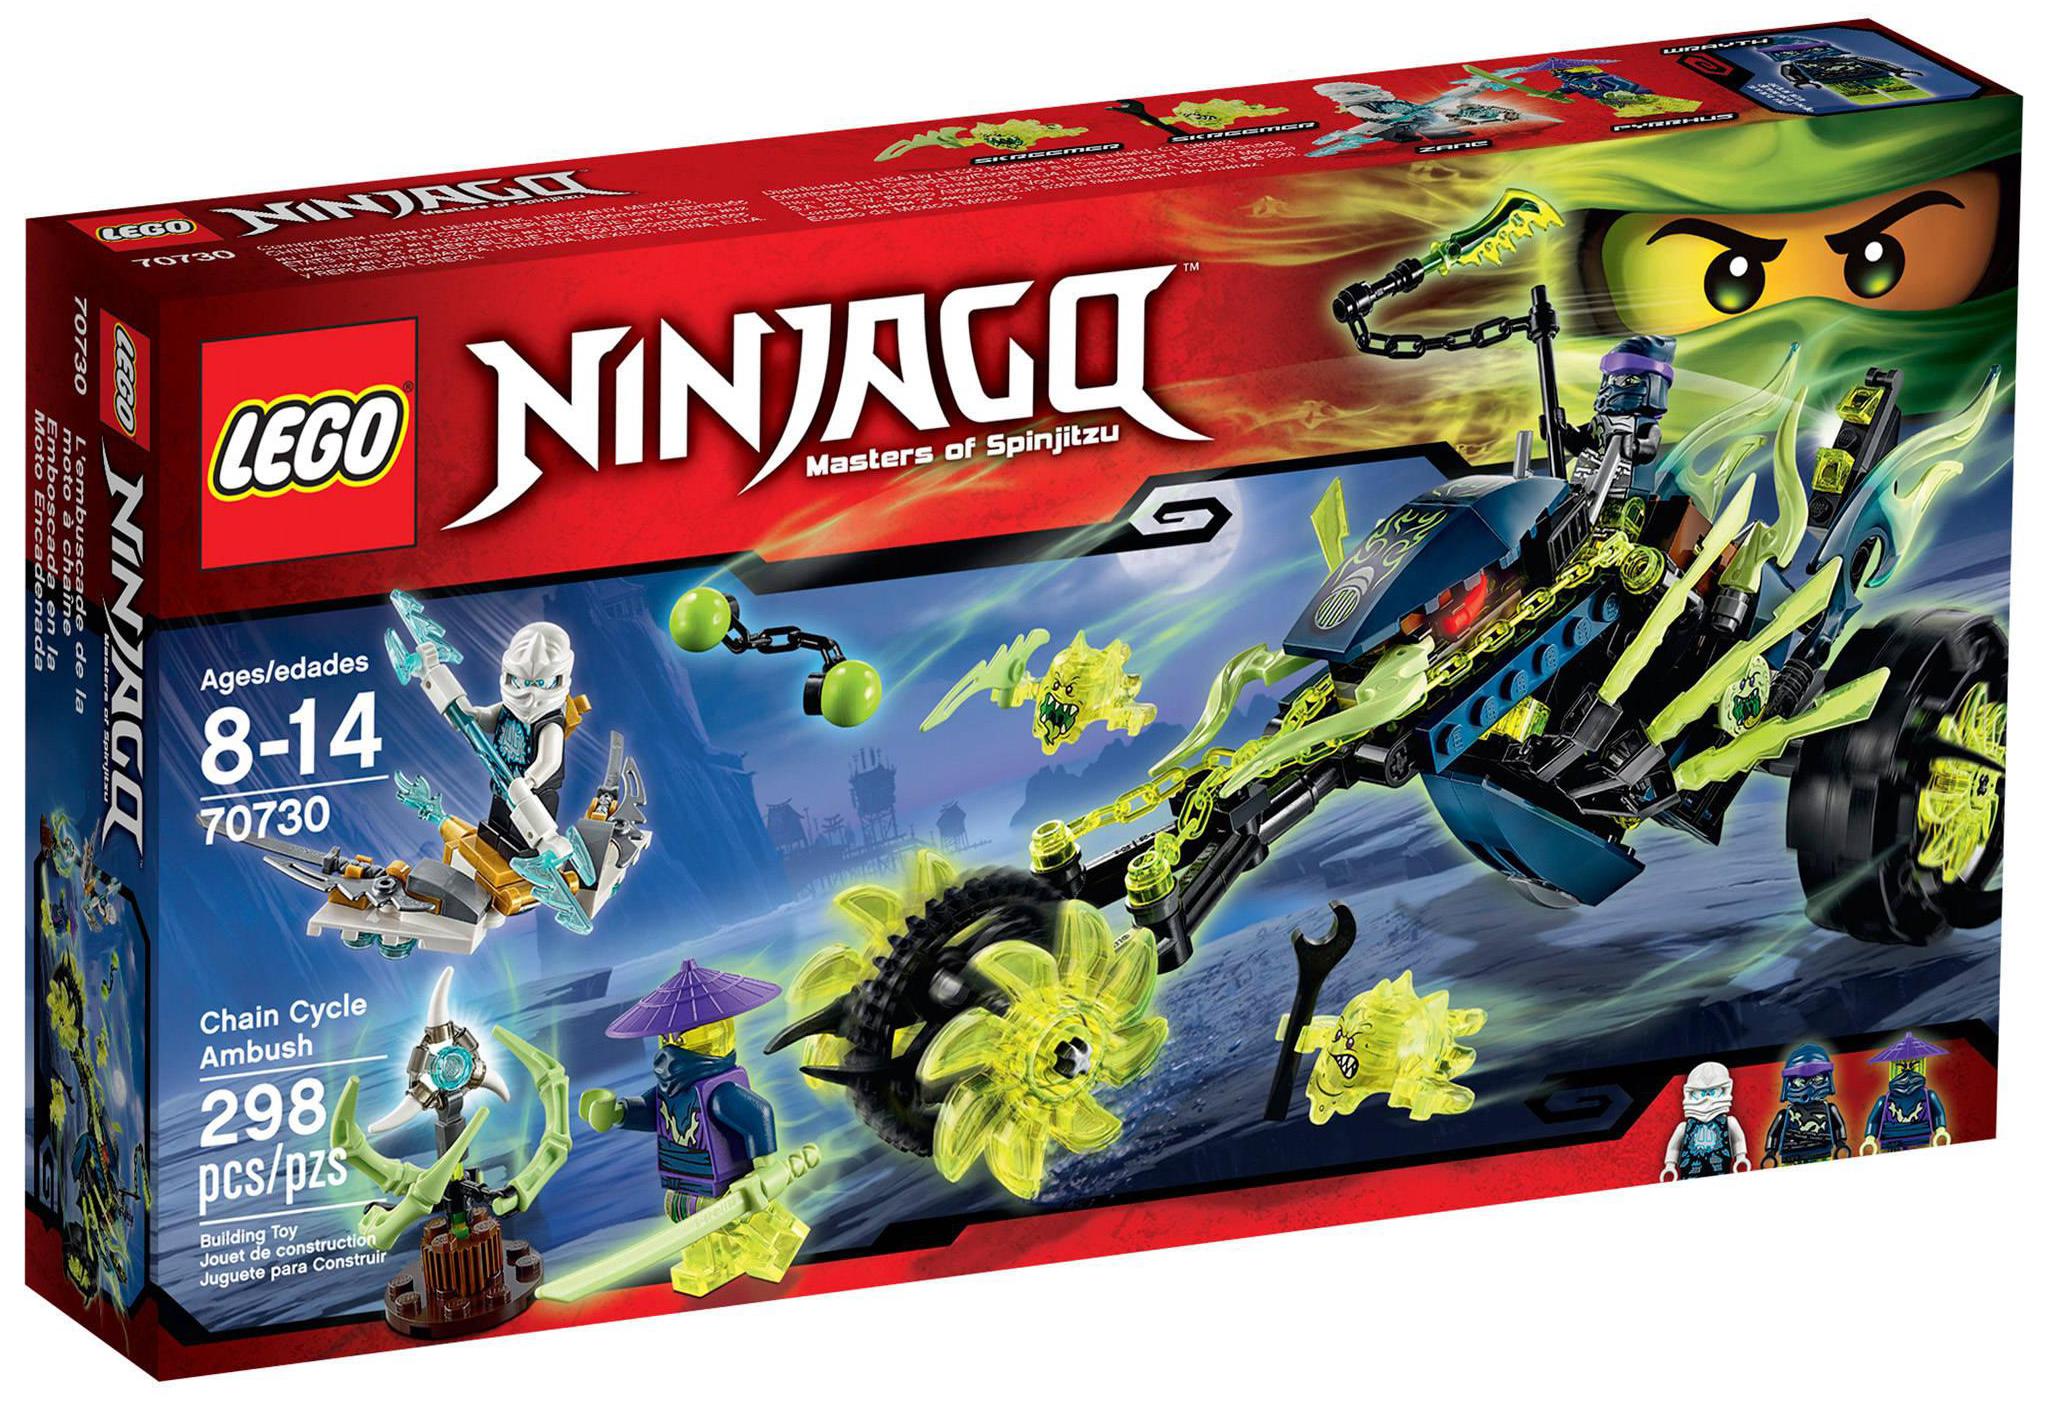 Lego ninjago 70730 pas cher la moto fant me de wrayth - Lego ninjago 4 ...